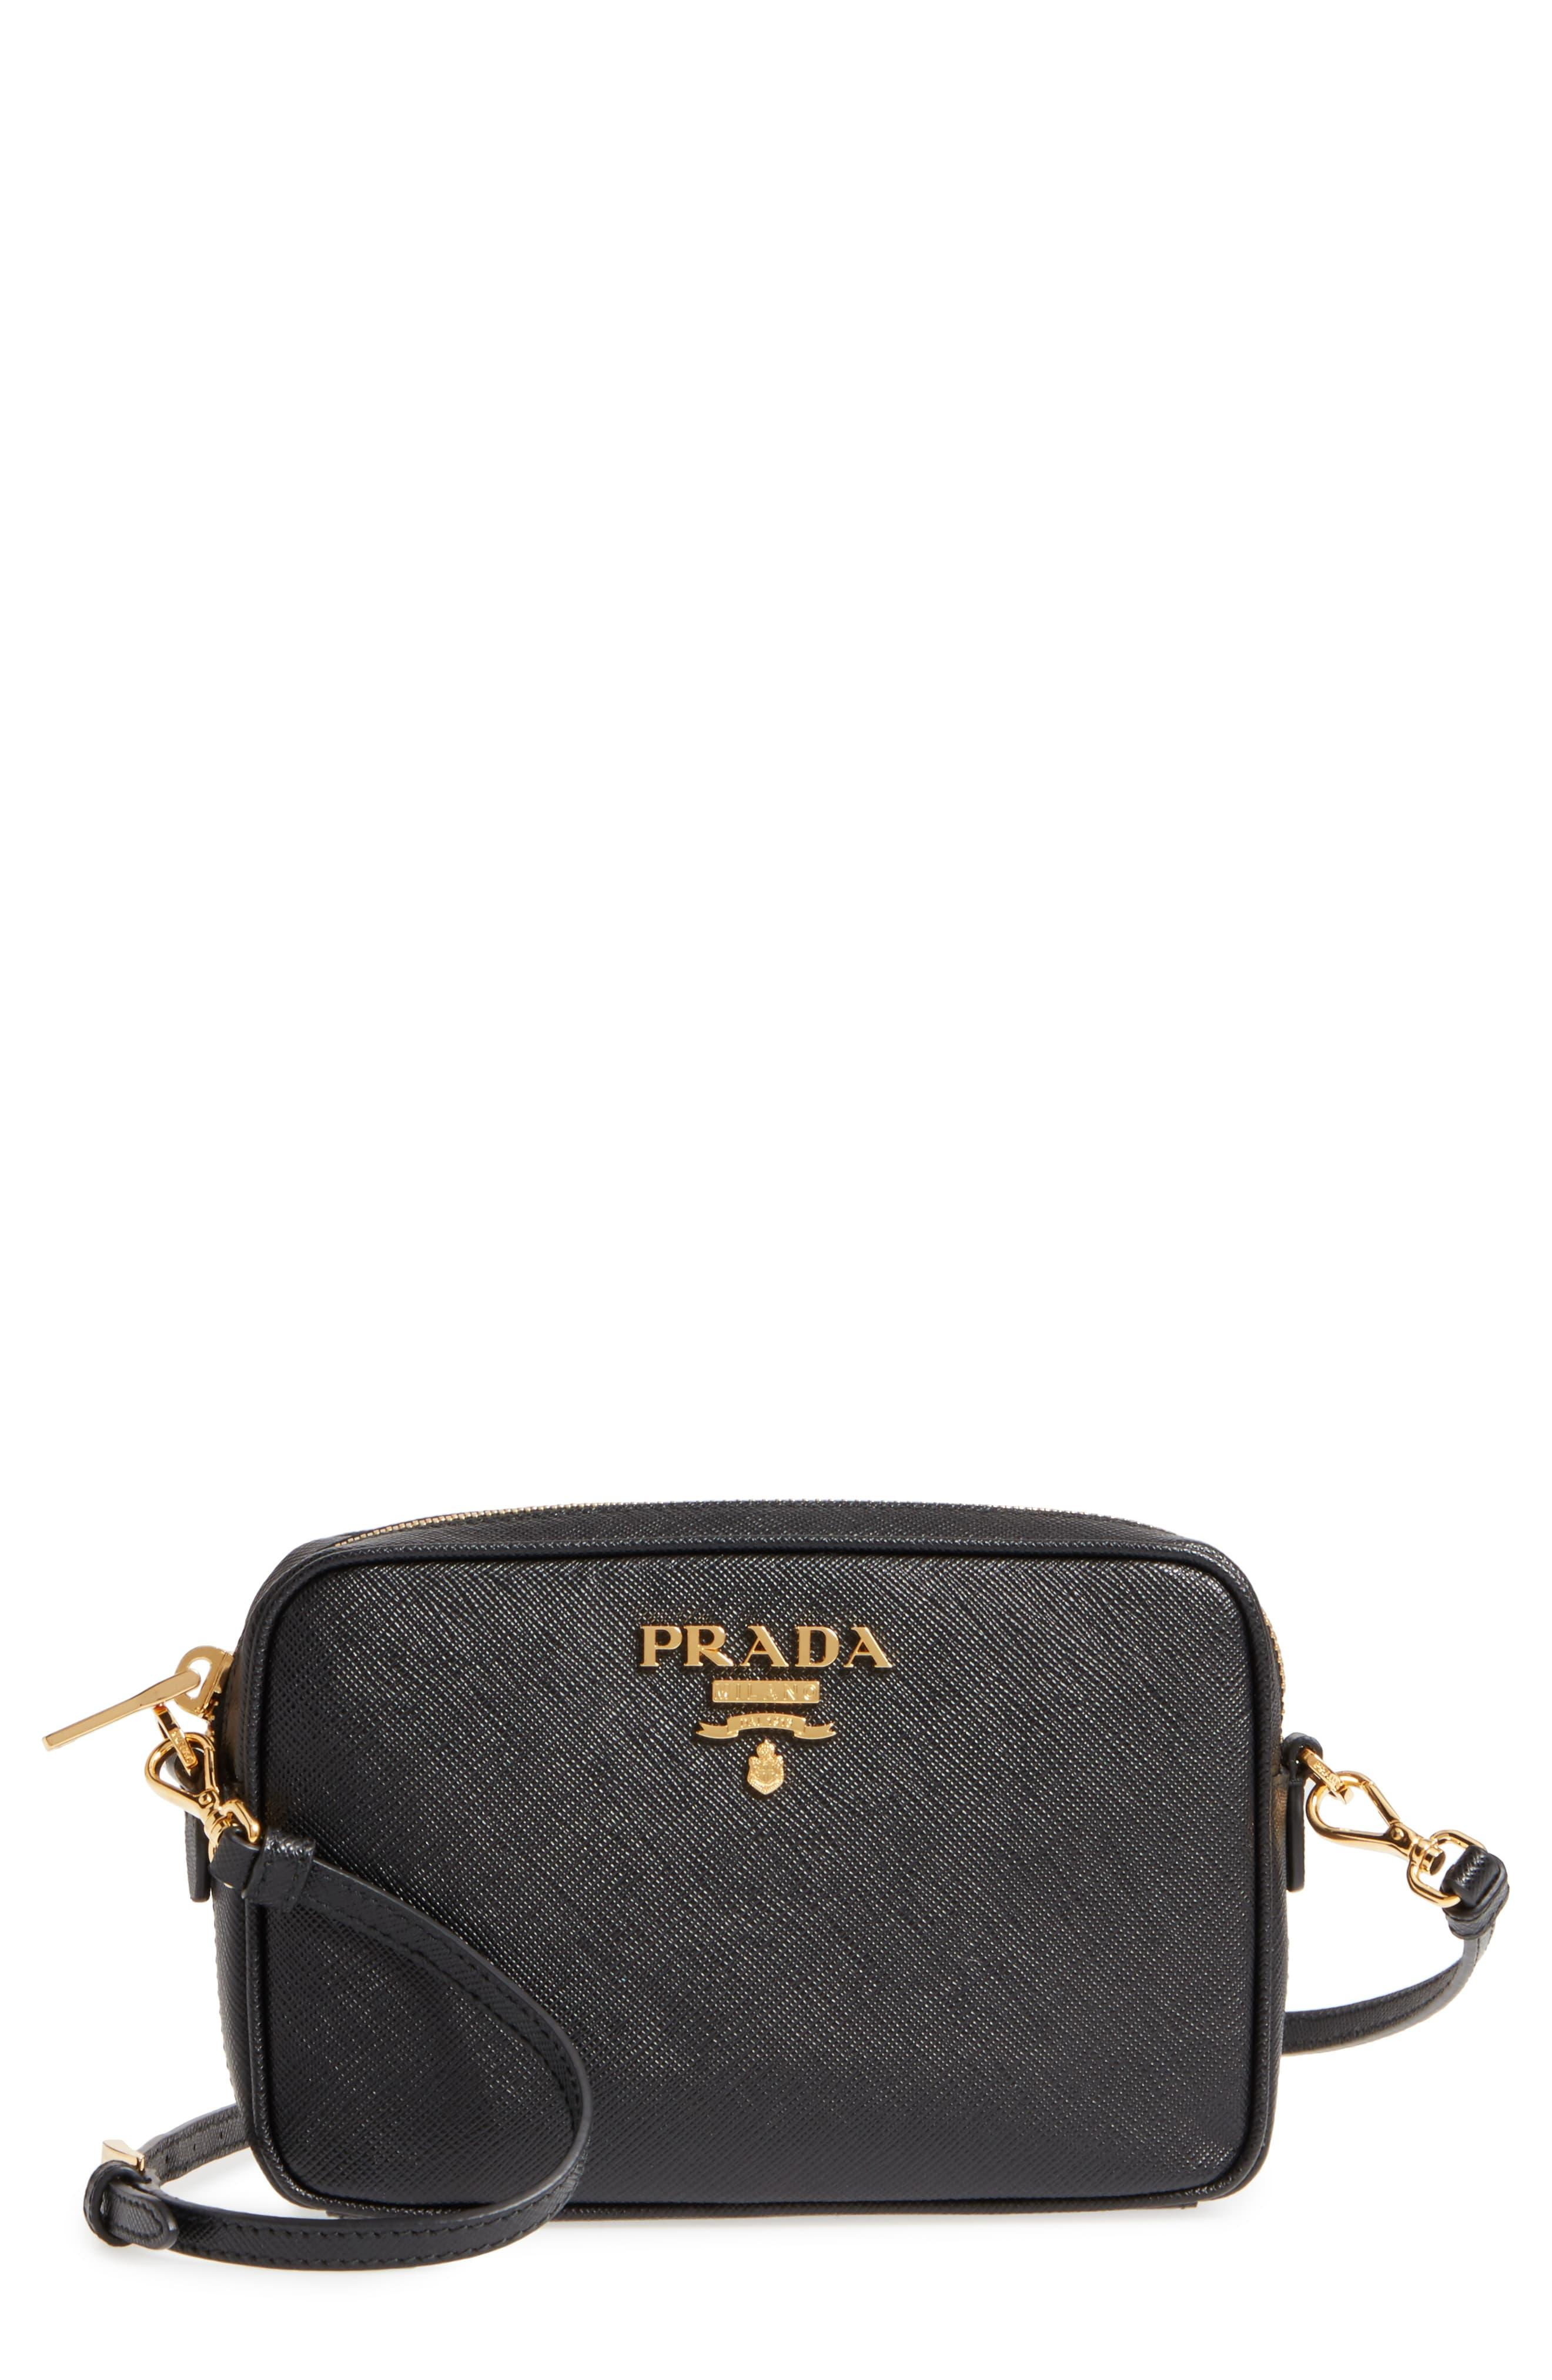 d1d3242c75de Prada - Blue Saffiano Leather Camera Bag - Lyst. View fullscreen